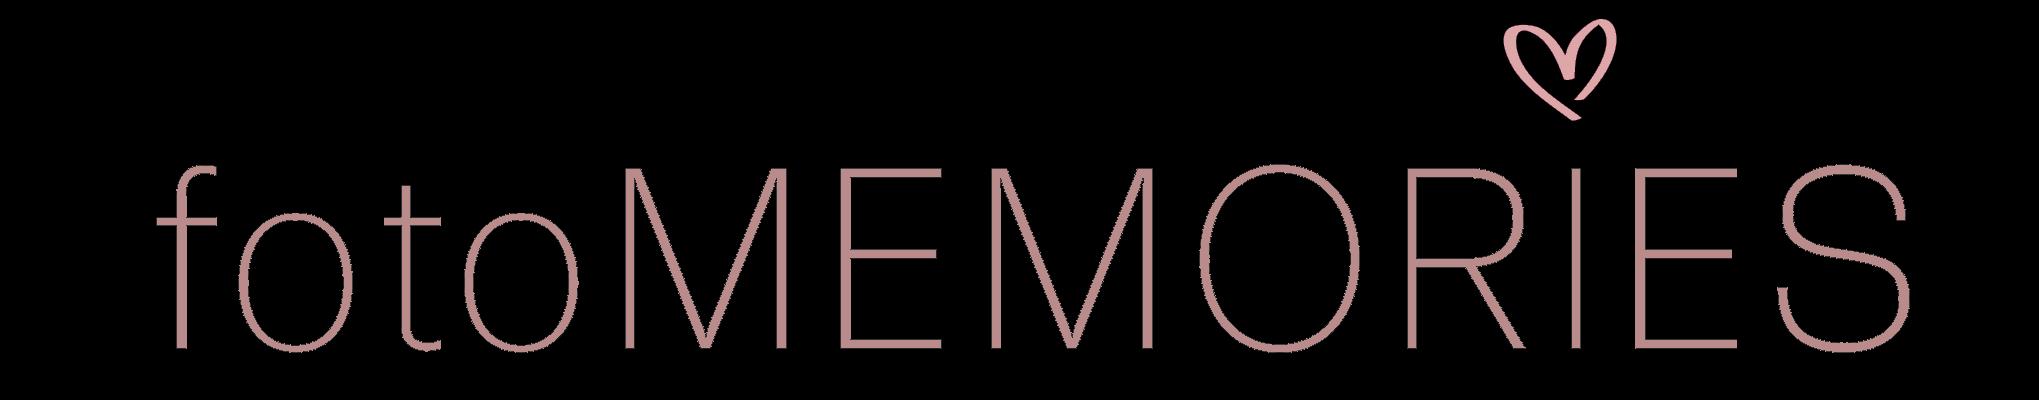 foMEMORIES-Logo-Kopie.png